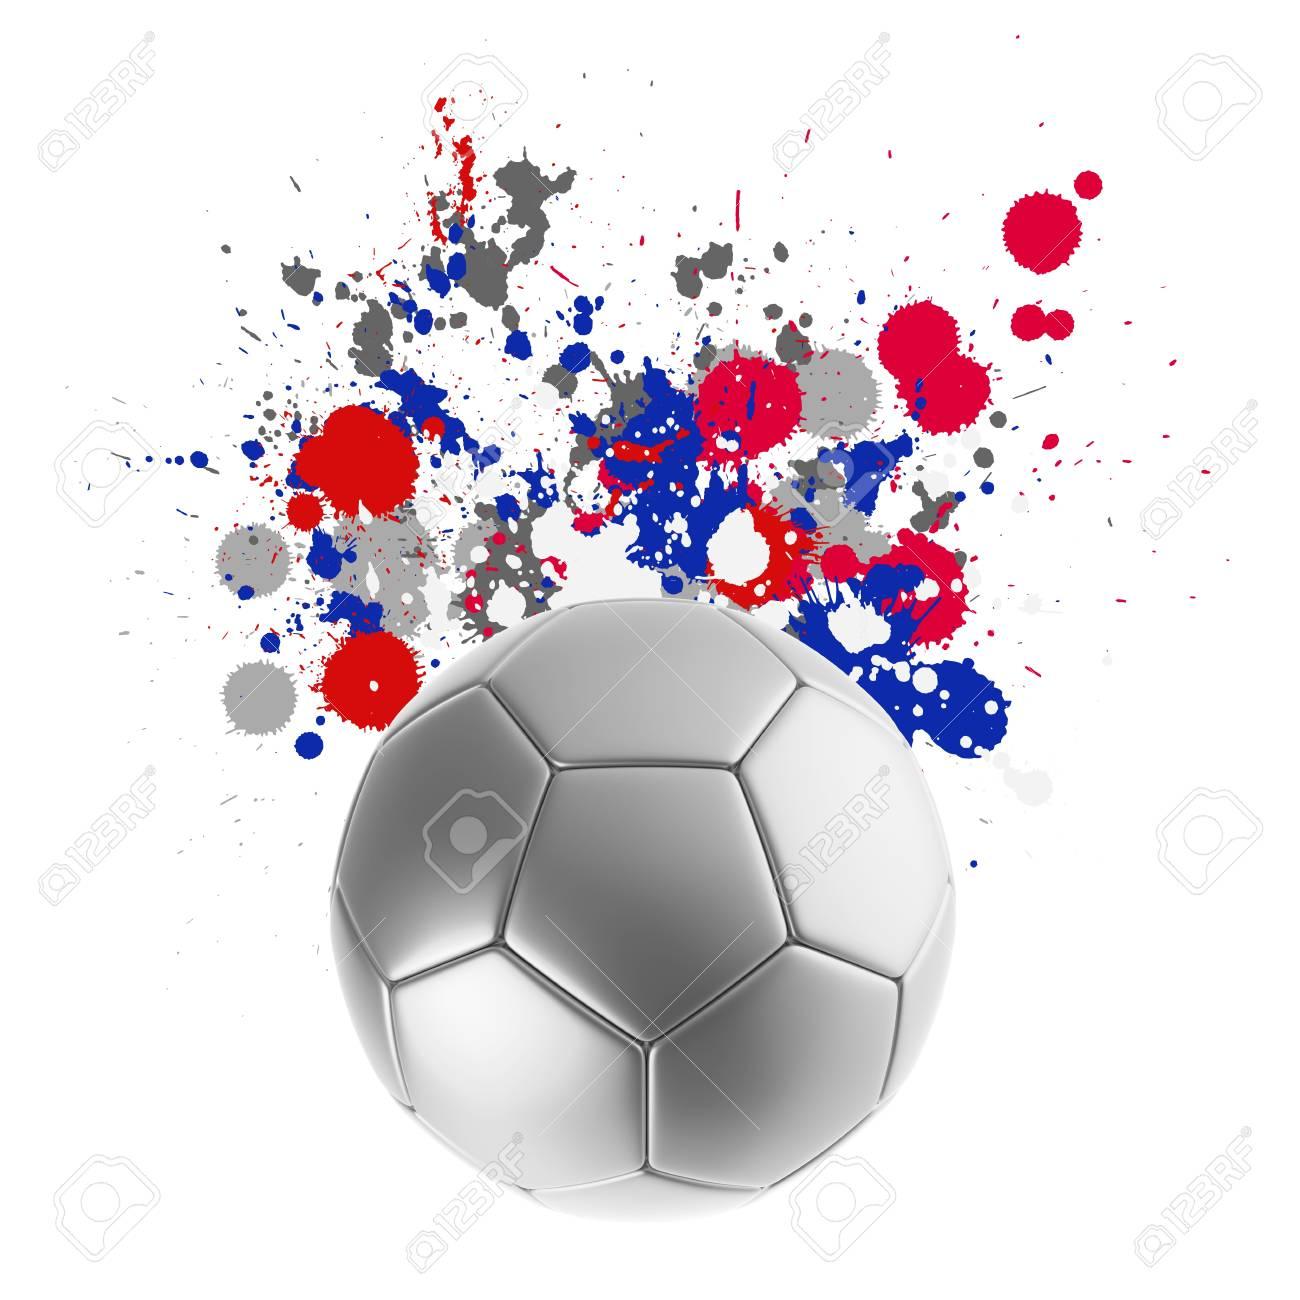 Foto de archivo - Representación 3D de un balón de fútbol con banderas de  colores salpicaduras de fondo 35fe9cdc7f0cc